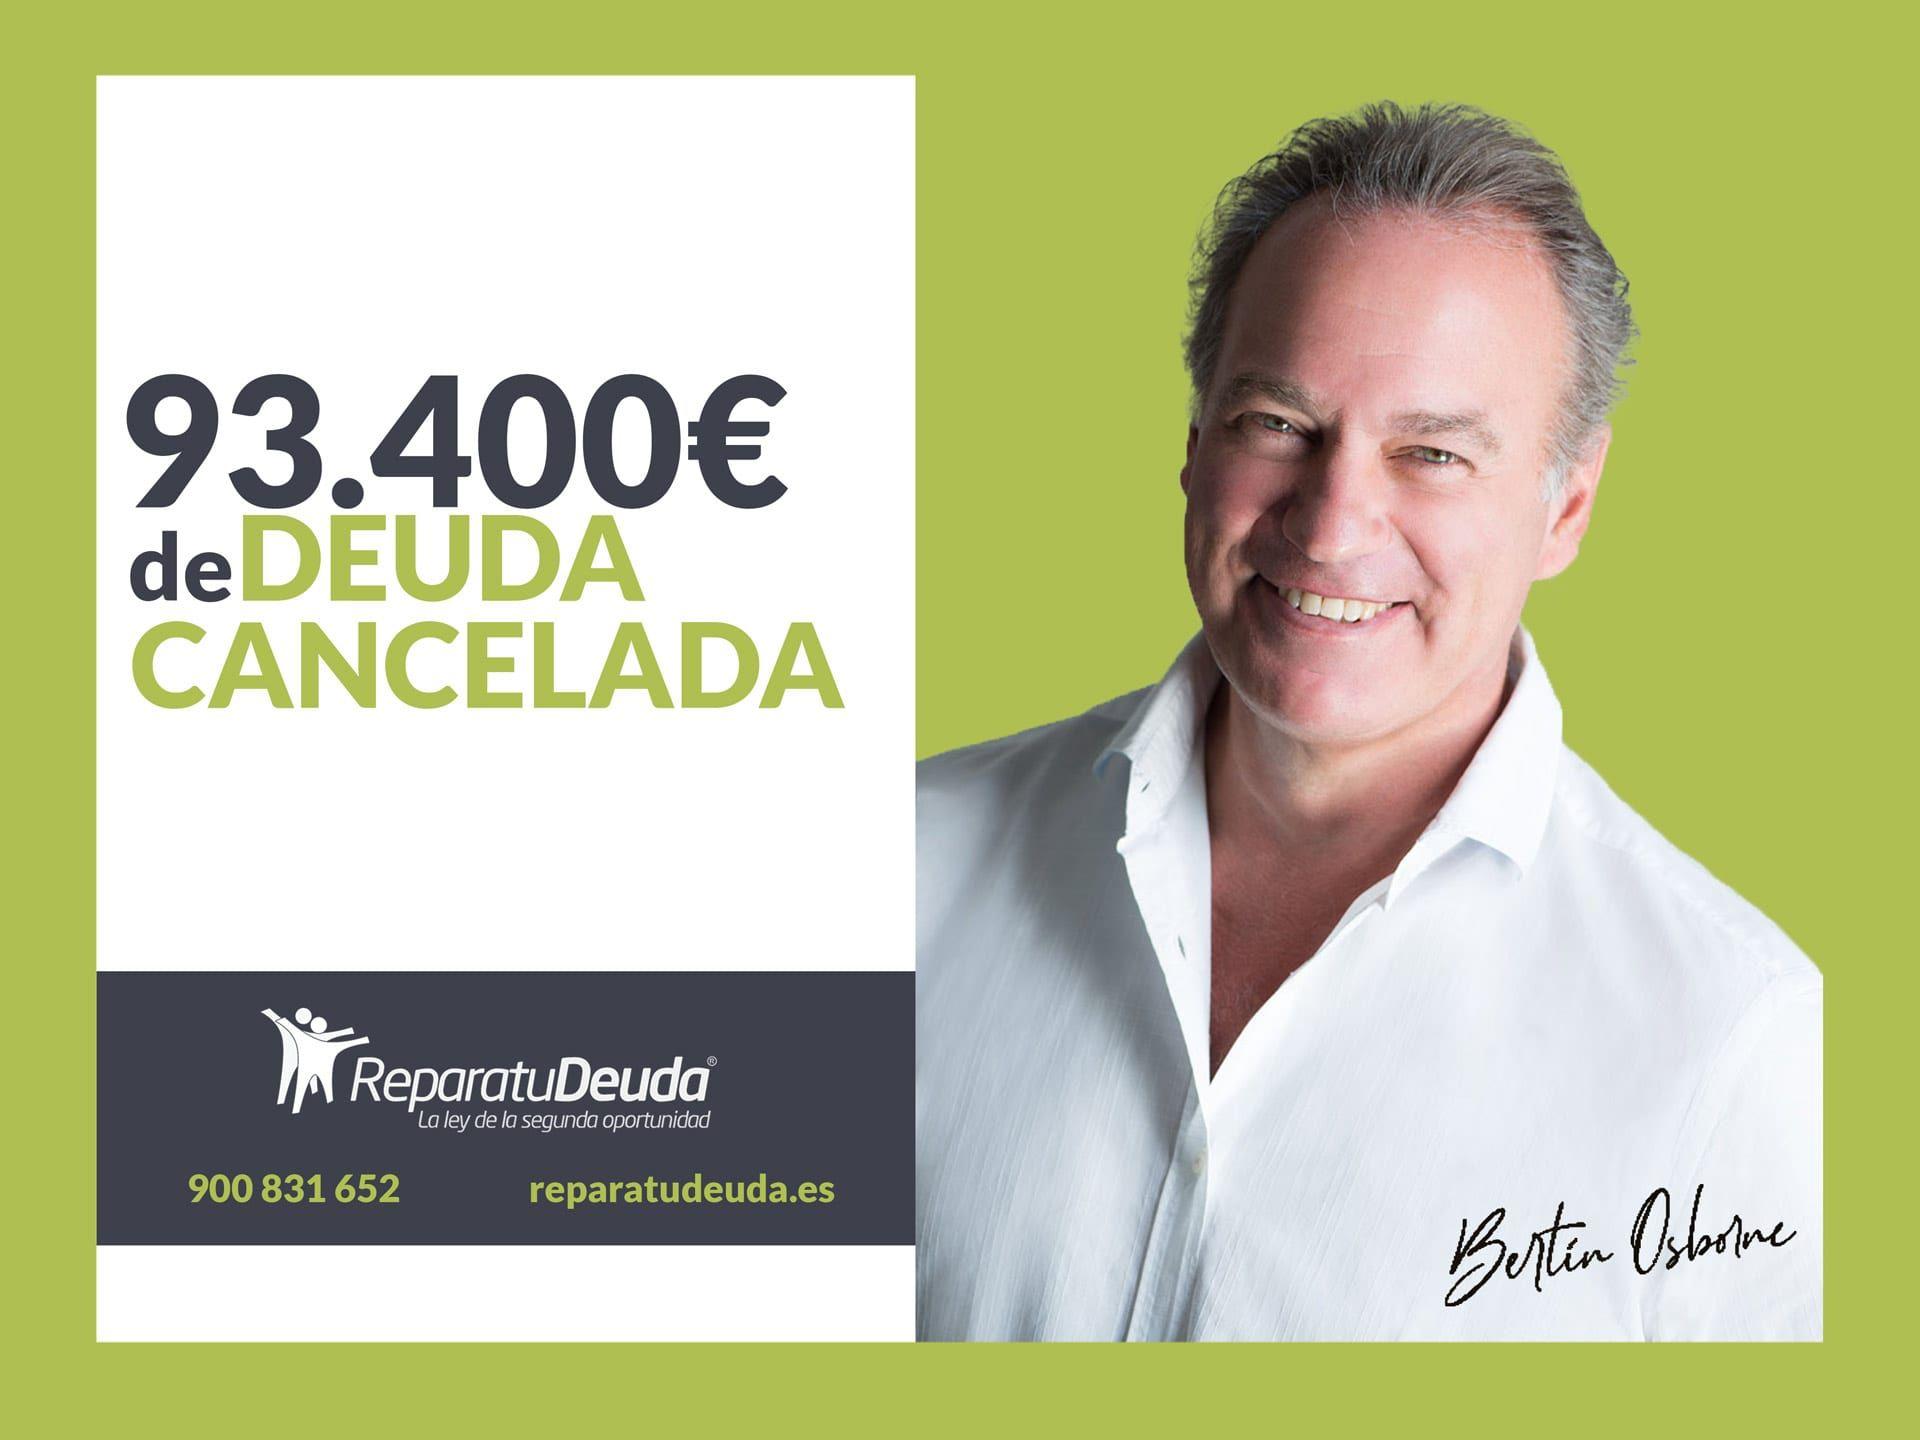 Repara tu Deuda Abogados cancela 93.400€ en Ceuta con la Ley de Segunda Oportunidad